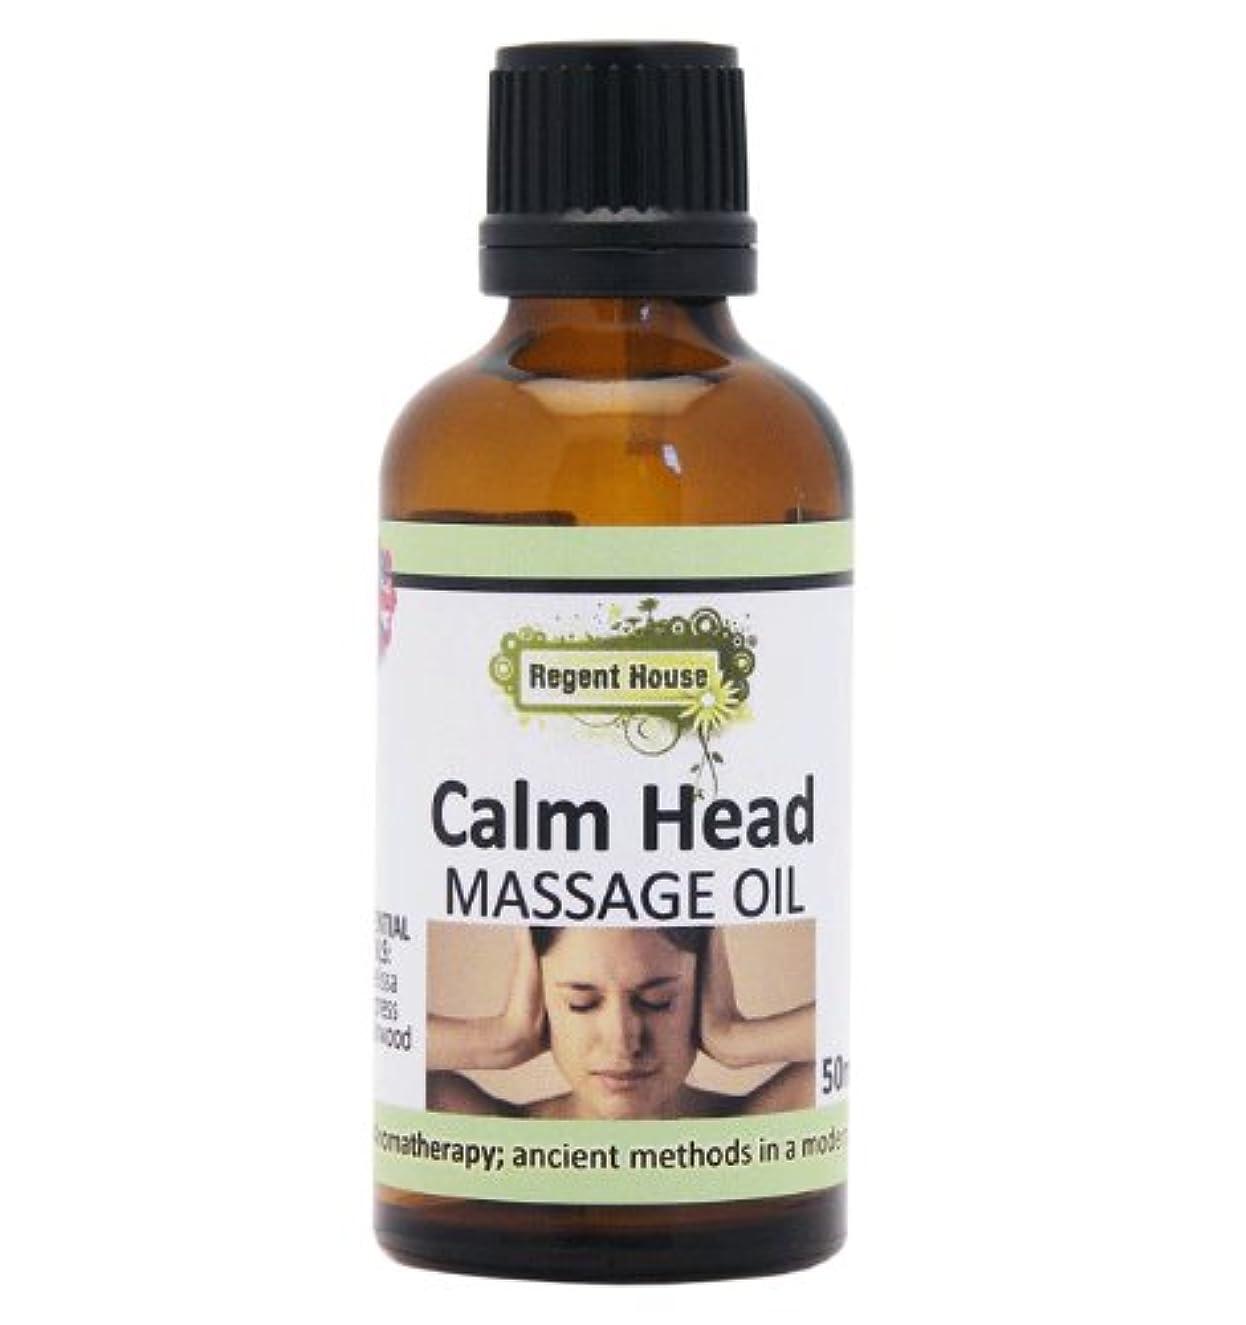 虐待アルファベット病者天然の精油がたっぷり入って、この値段。 アロマ ナチュラル マッサージオイル 50ml カームヘッド(Aroma Massage Oil Calm Head)